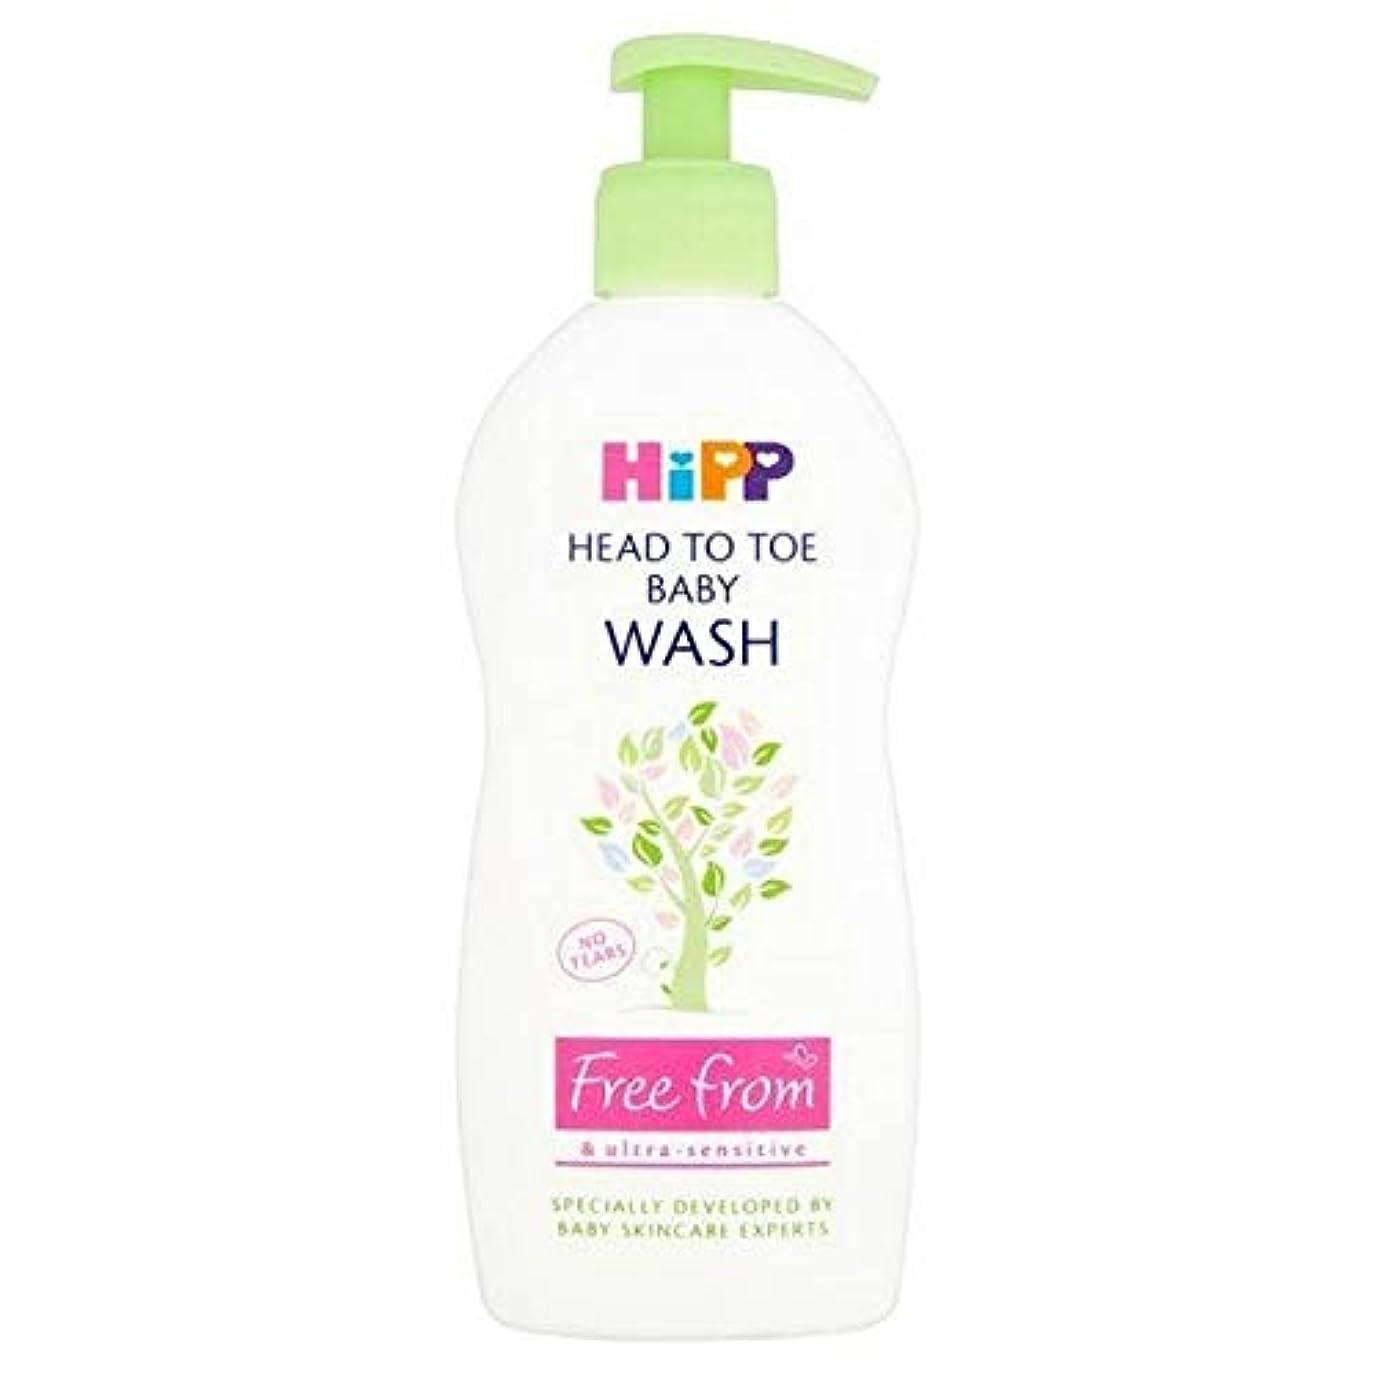 注入するセイはさておき彫る[Hipp ] 頭からつま先洗浄400ミリリットルにヒップ無料 - HiPP Free From Head to Toe Wash 400ml [並行輸入品]